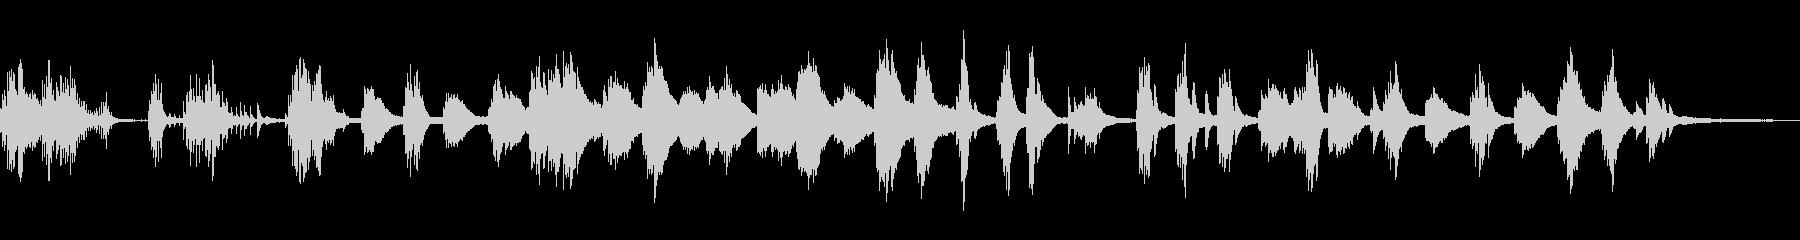 怪談/静かな和風曲20-ピアノソロの未再生の波形